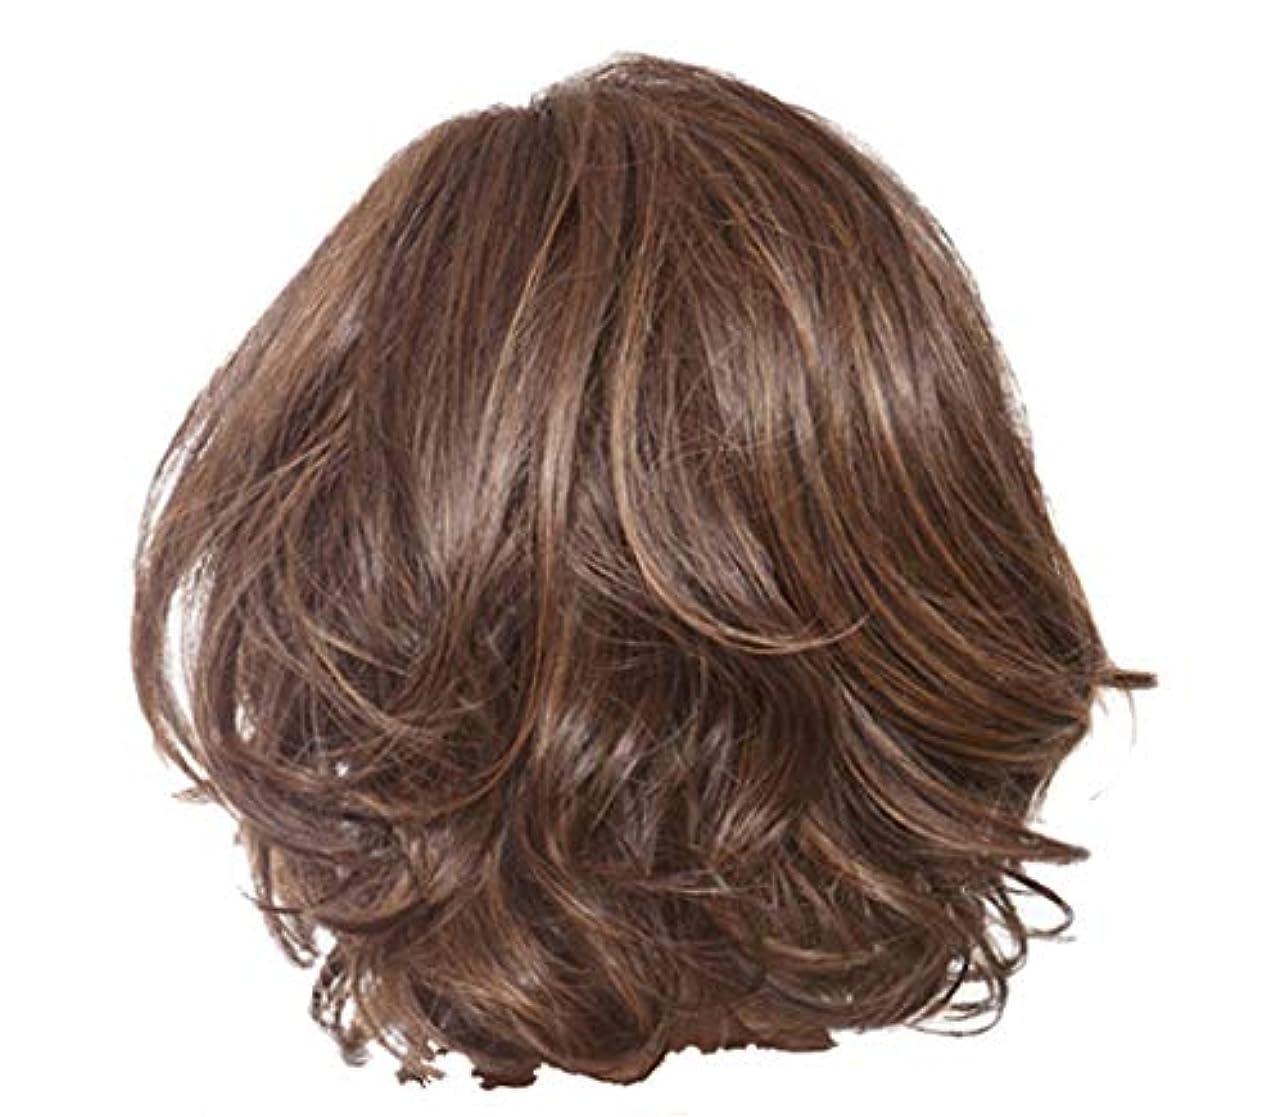 円形の差別する風が強いウィッグ女性のセクシーな短い巻き毛のかつらクールなハンサムなかつら36 cm